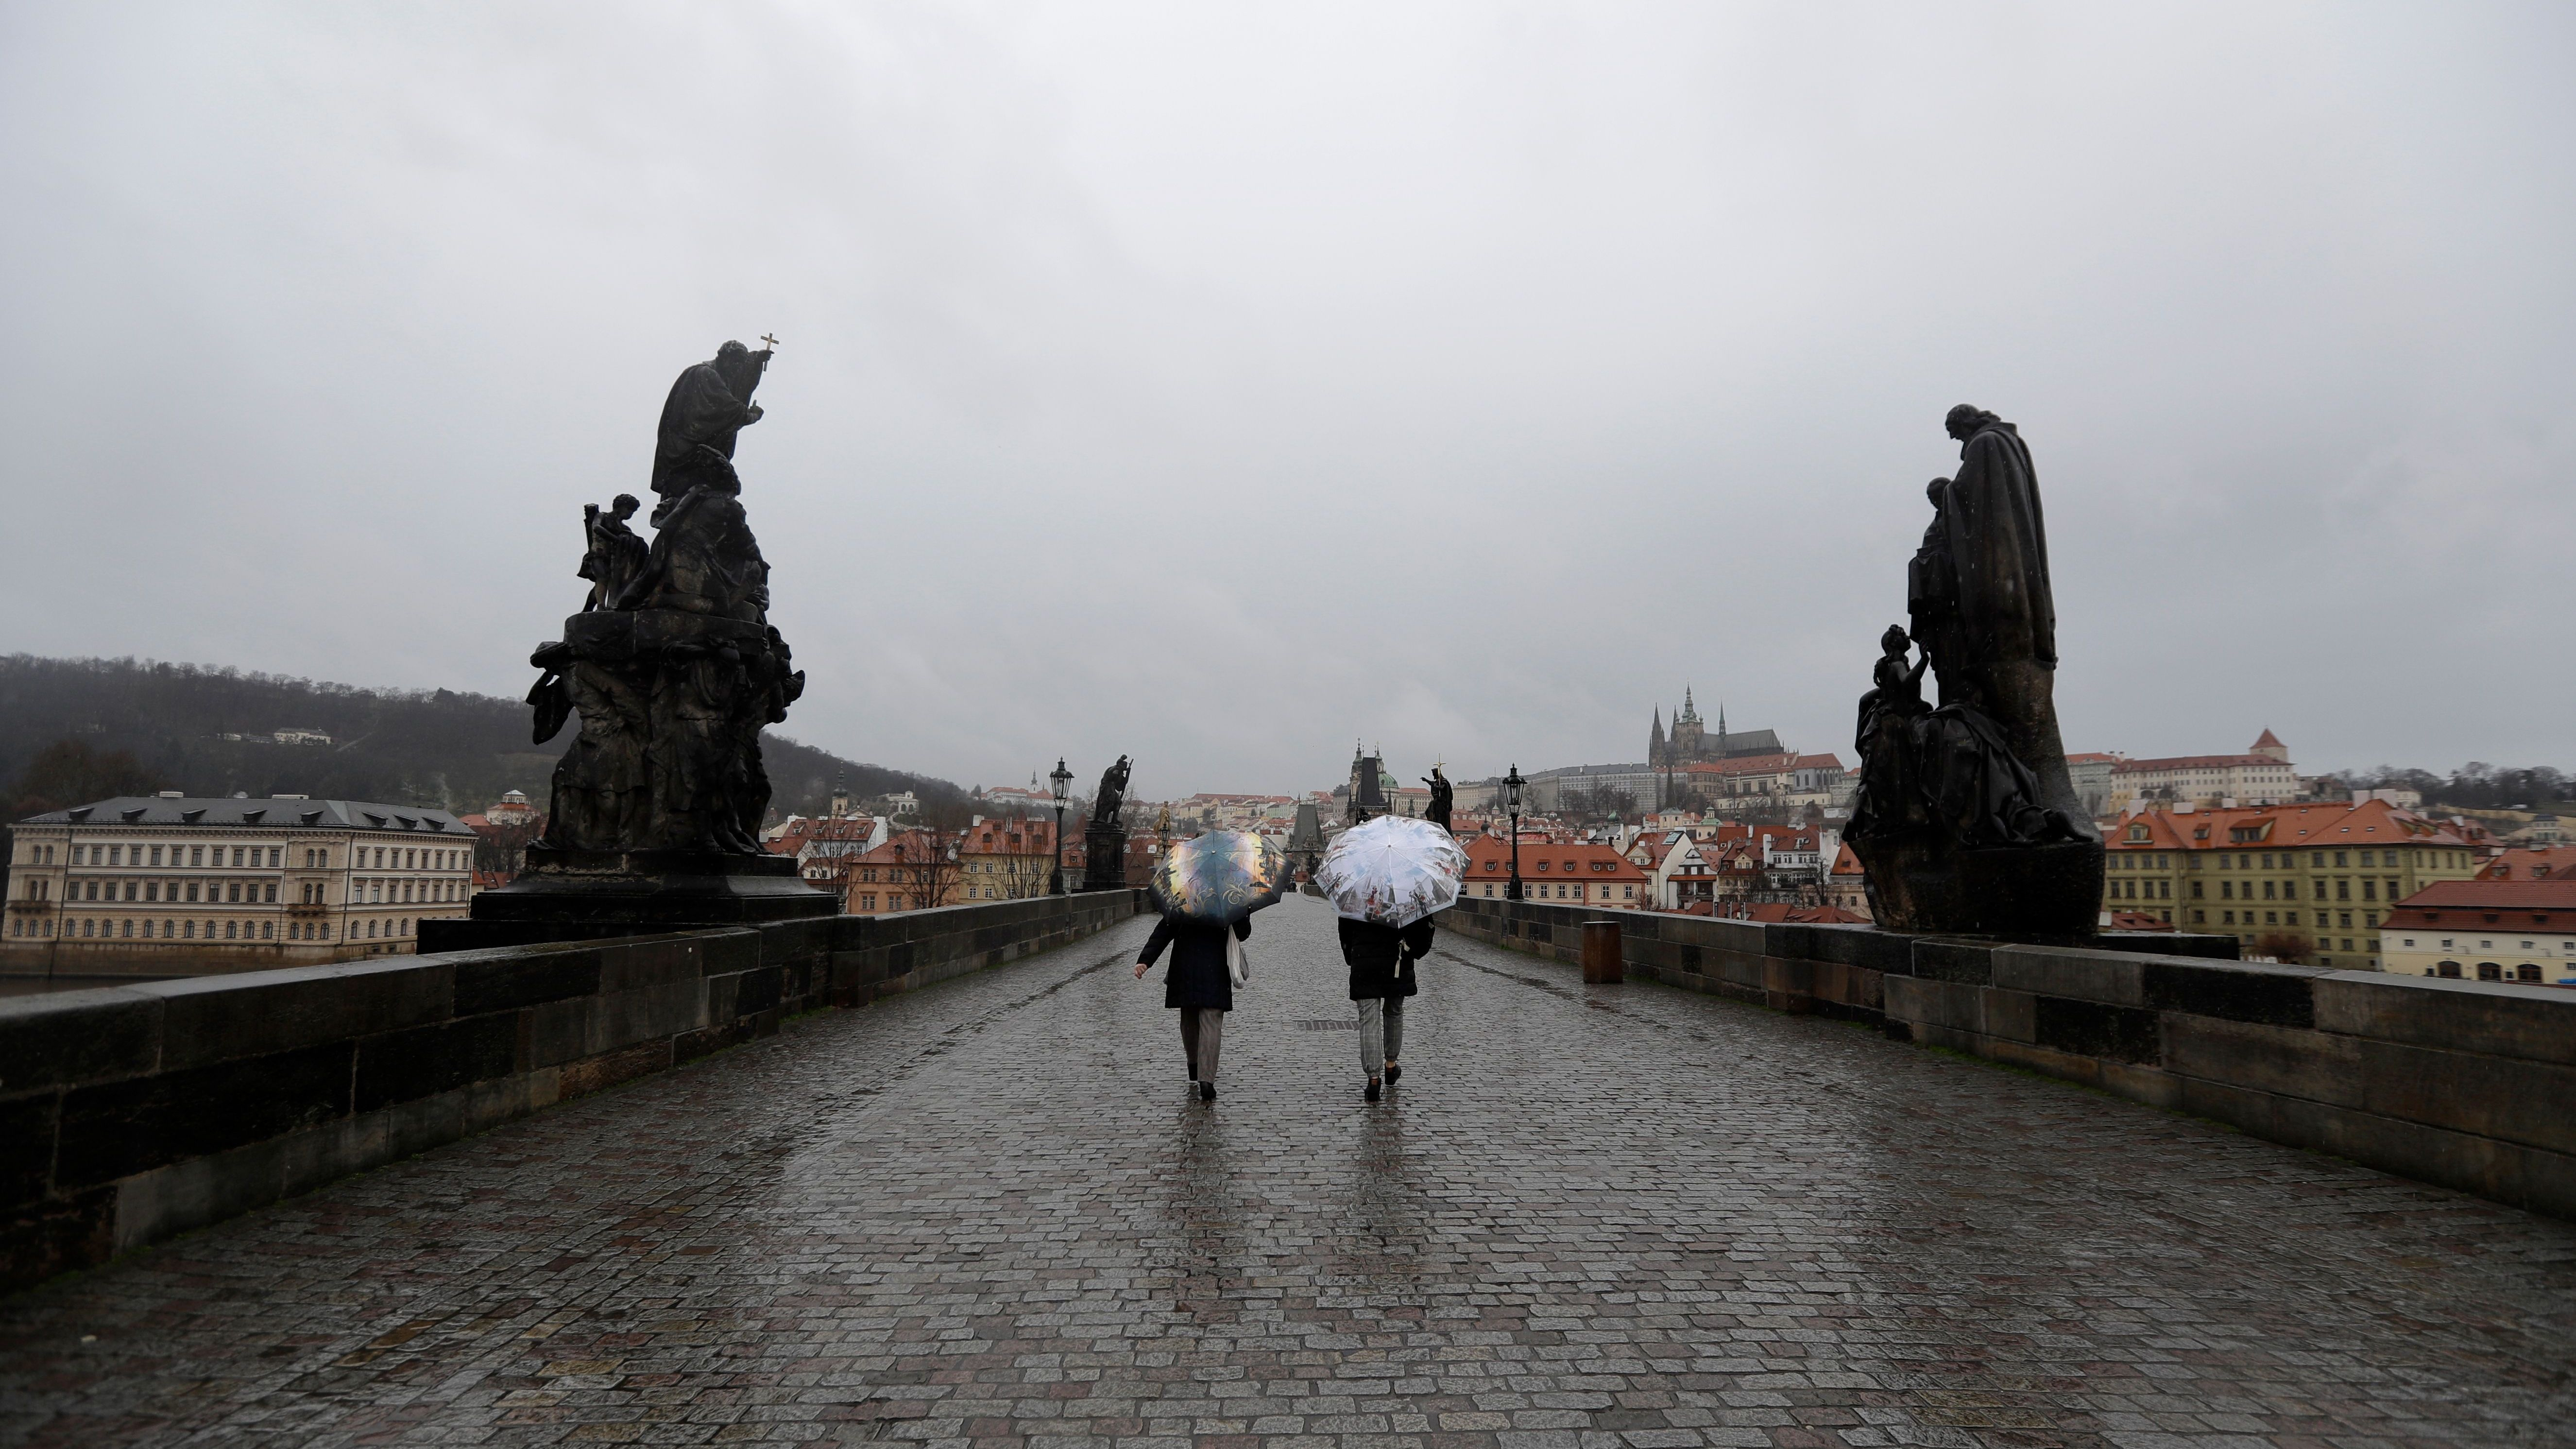 Wegen Coronavirus: Deutsche dürfen nicht mehr nach Tschechien reisen.